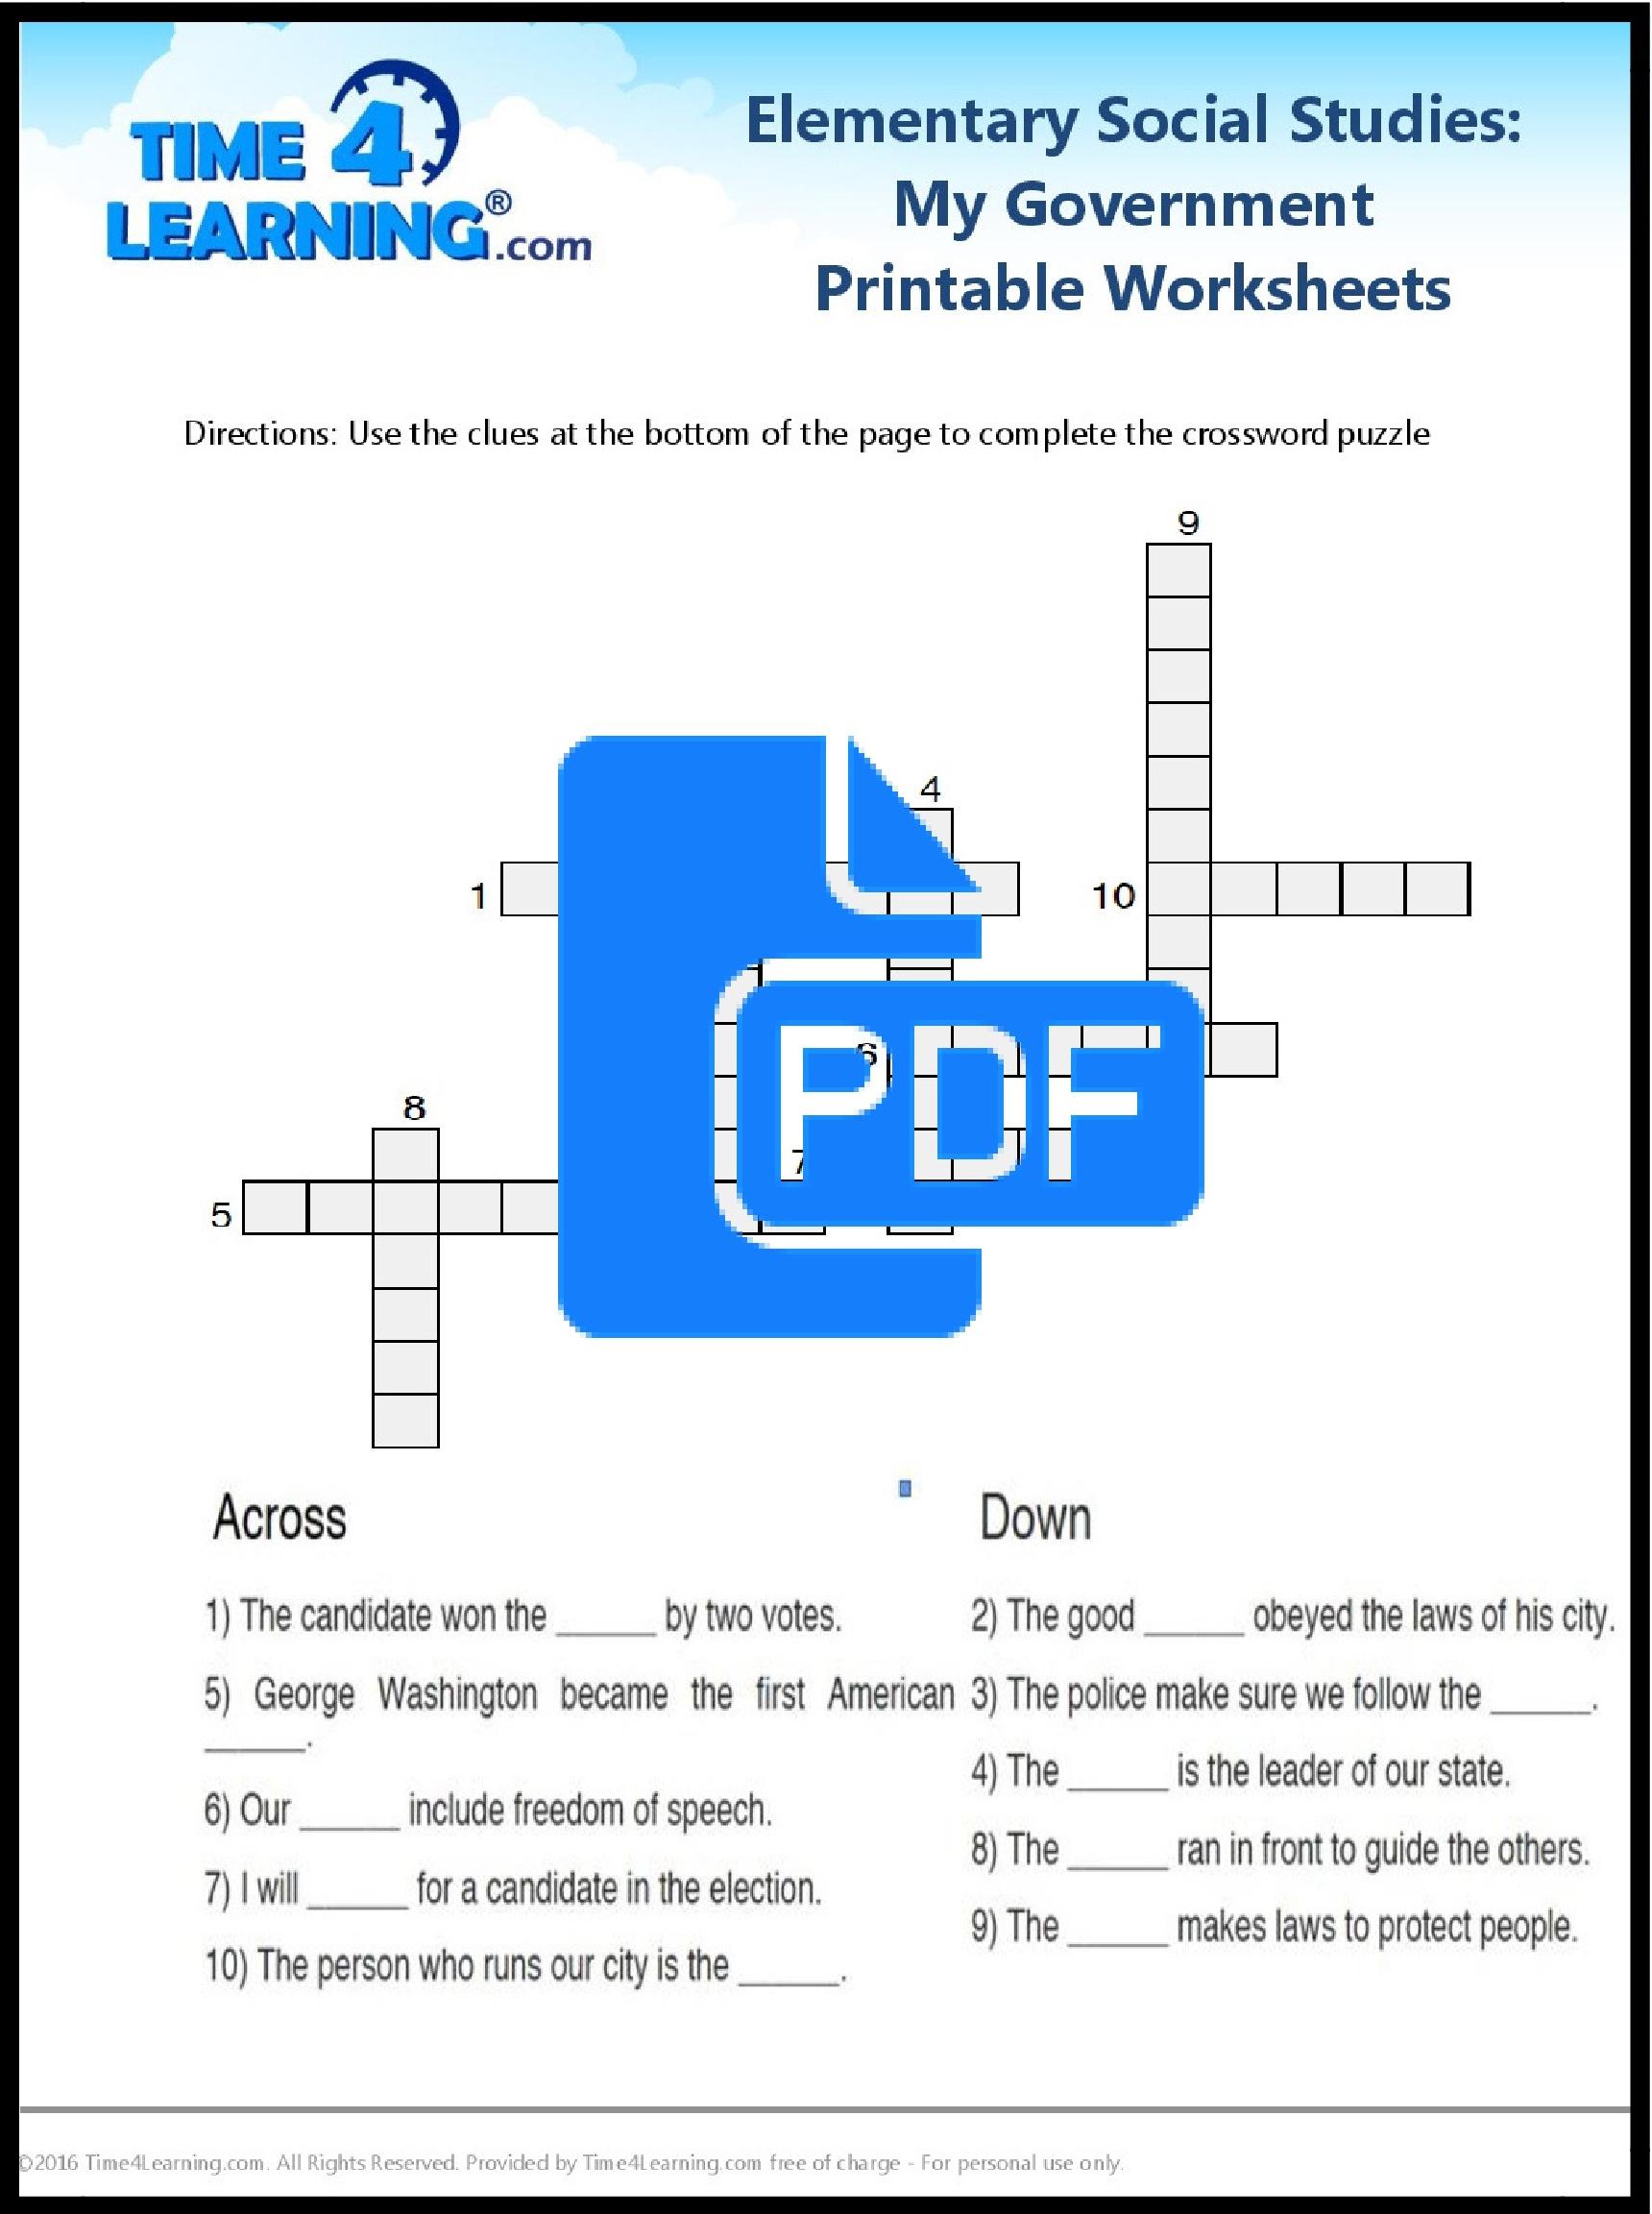 Free Printable: Elementary Social Studies Worksheet   Time4Learning - Free Printable Social Studies Worksheets